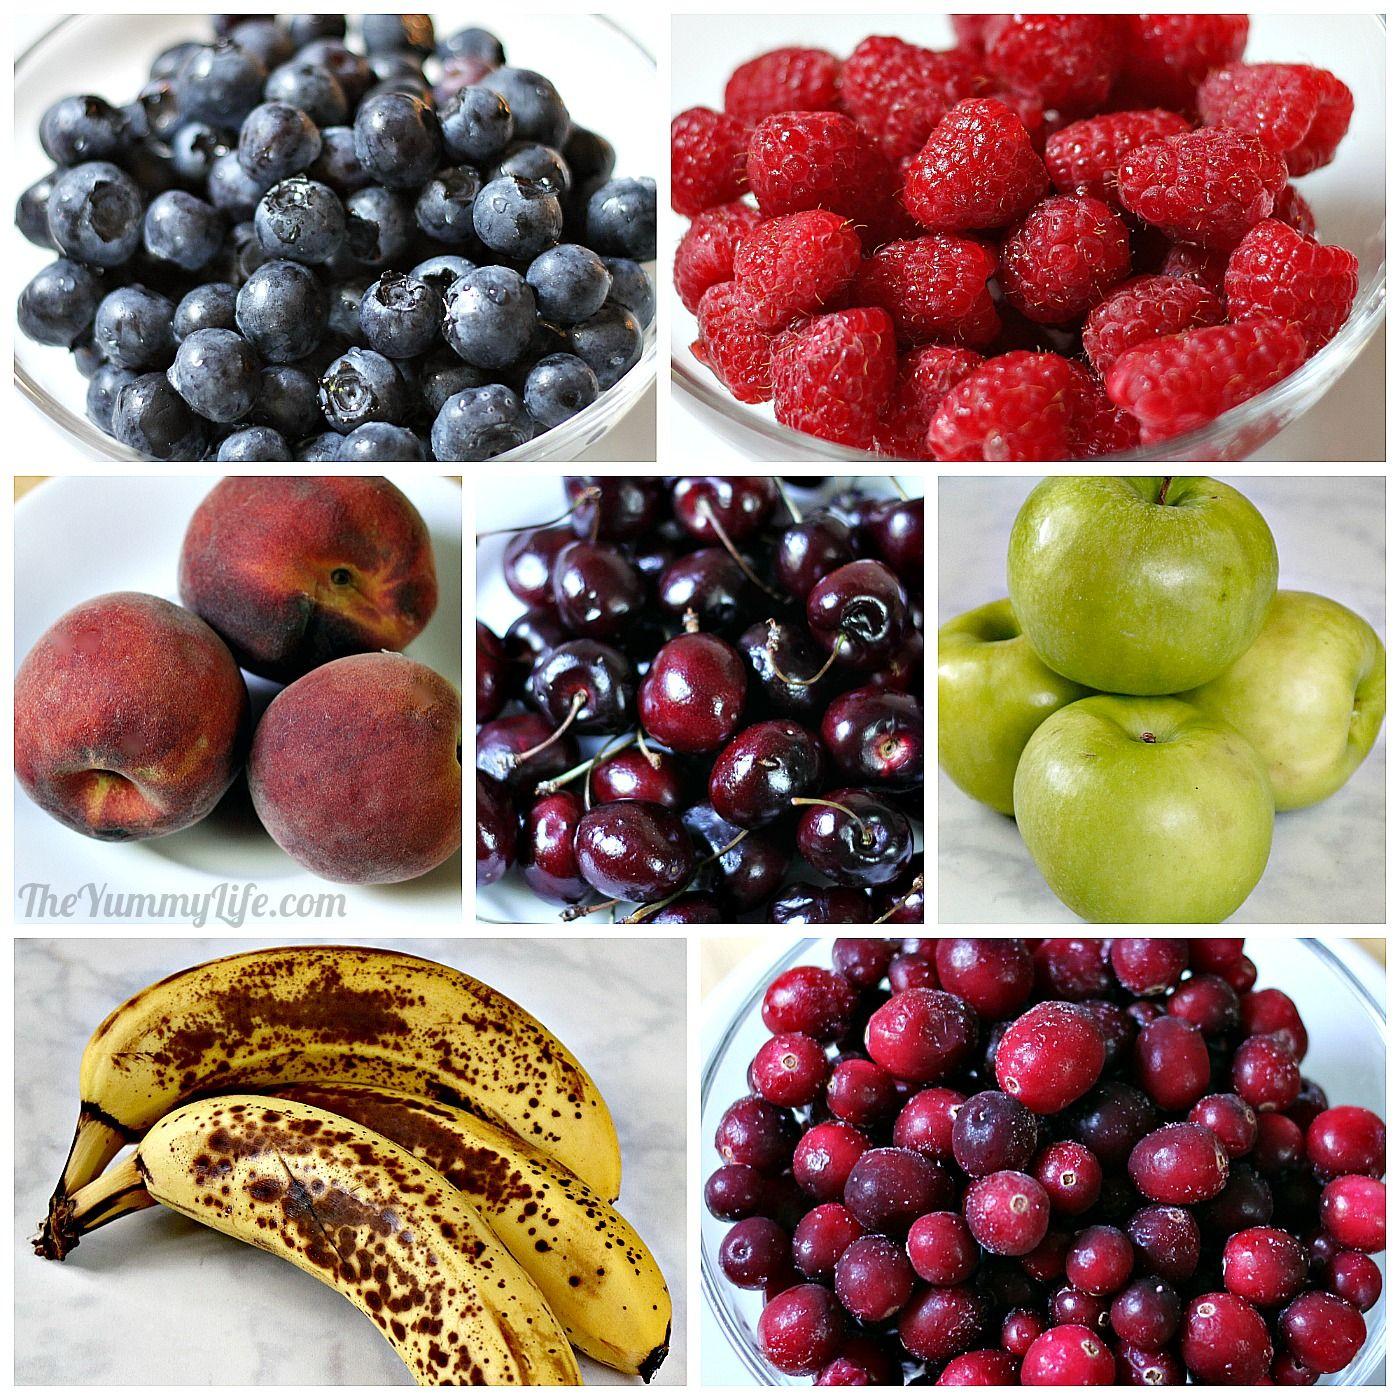 2_PicMonkey_Image_fruit_resizetm.jpg